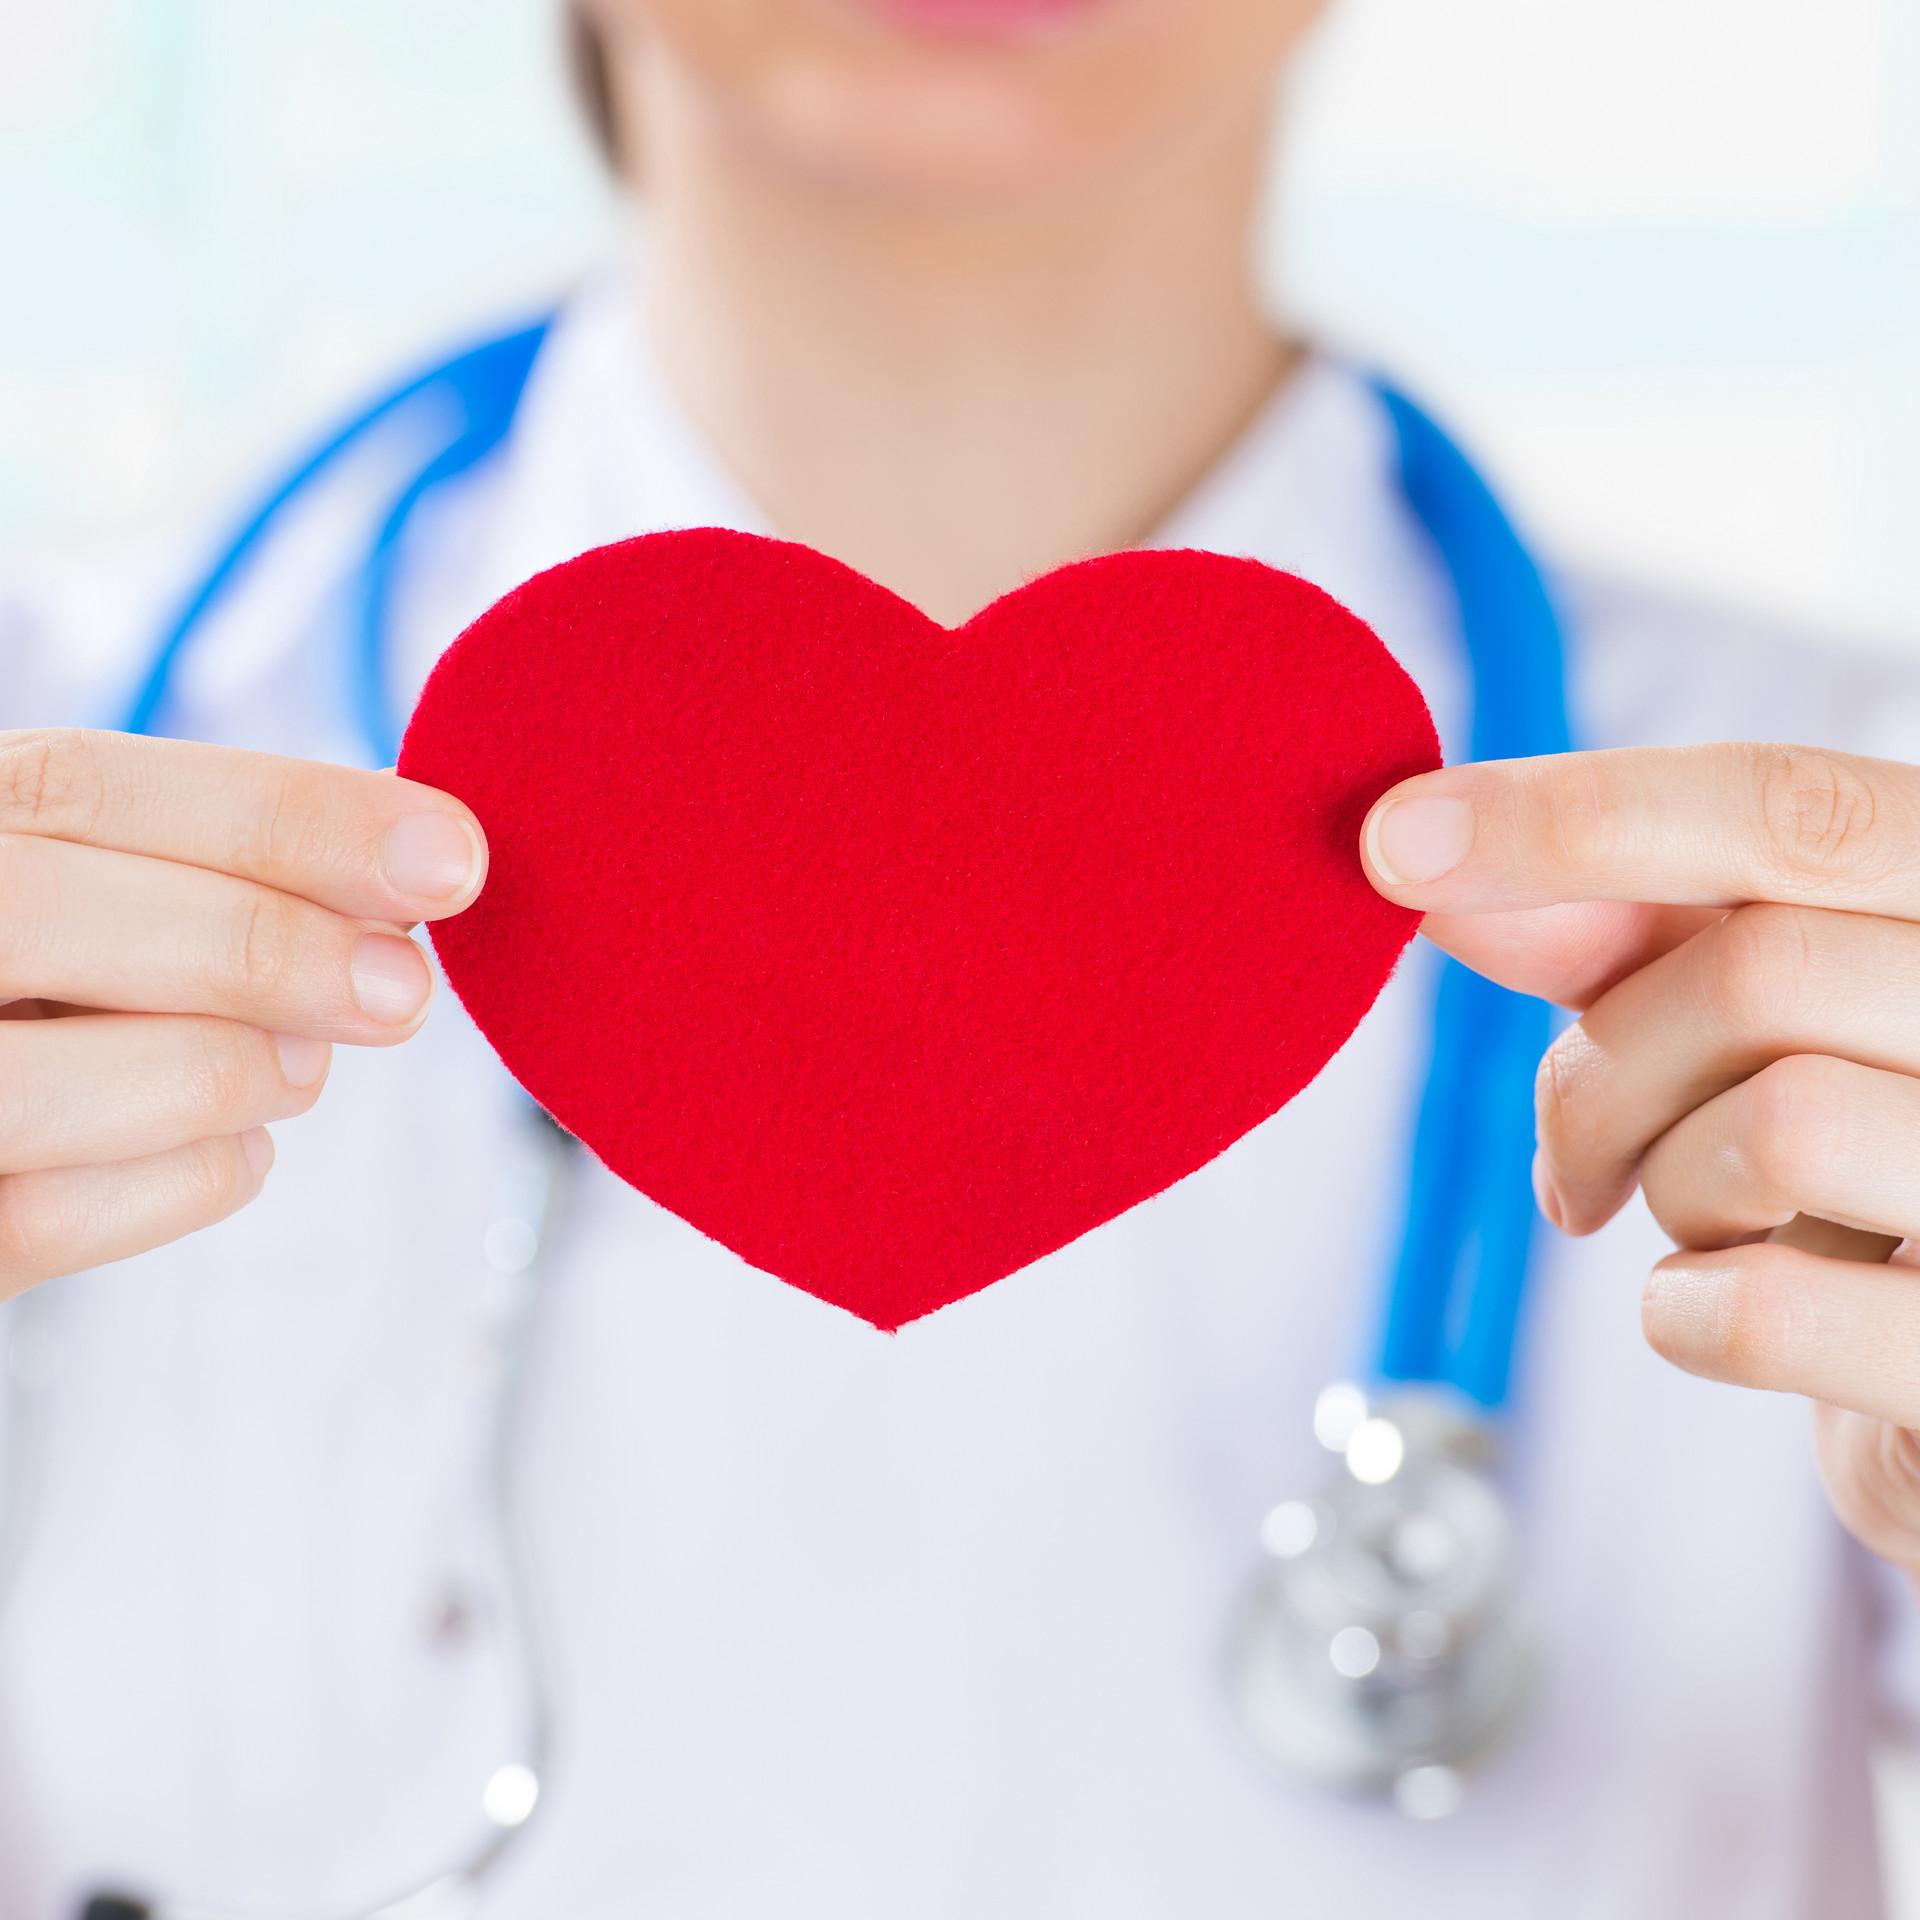 52岁交百万医疗险一年多少钱?比较受欢迎的有哪些